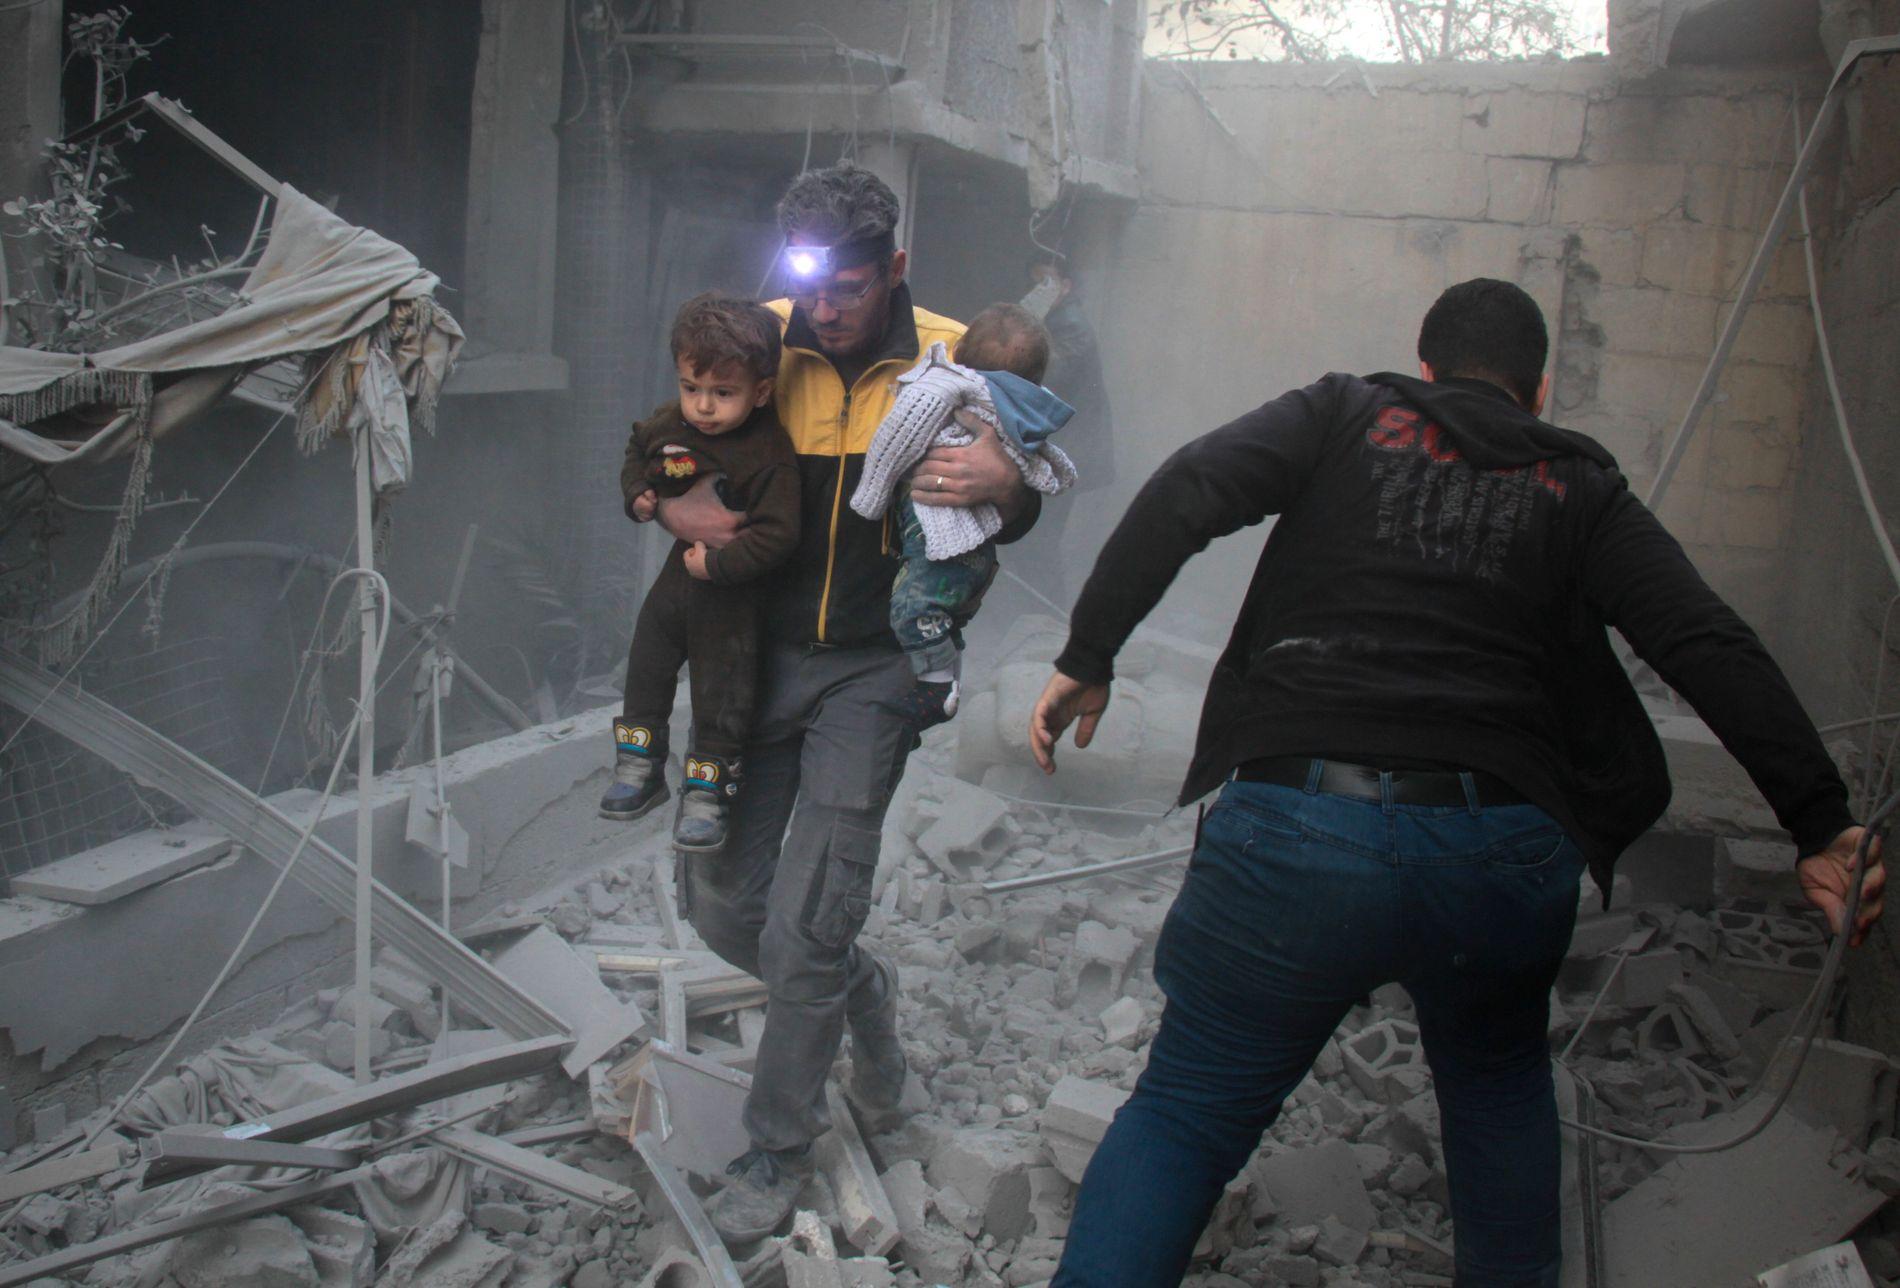 KRIG MOT BARN: En mann bærer to små barn ut av ruinene av en bygning som er truffet i et flyangrep mot den opprørskontrollerte byen Douma i det østlige Ghouta, utenfor Damaskus 7. februar. Syria er et av verdens farligste land for barn.